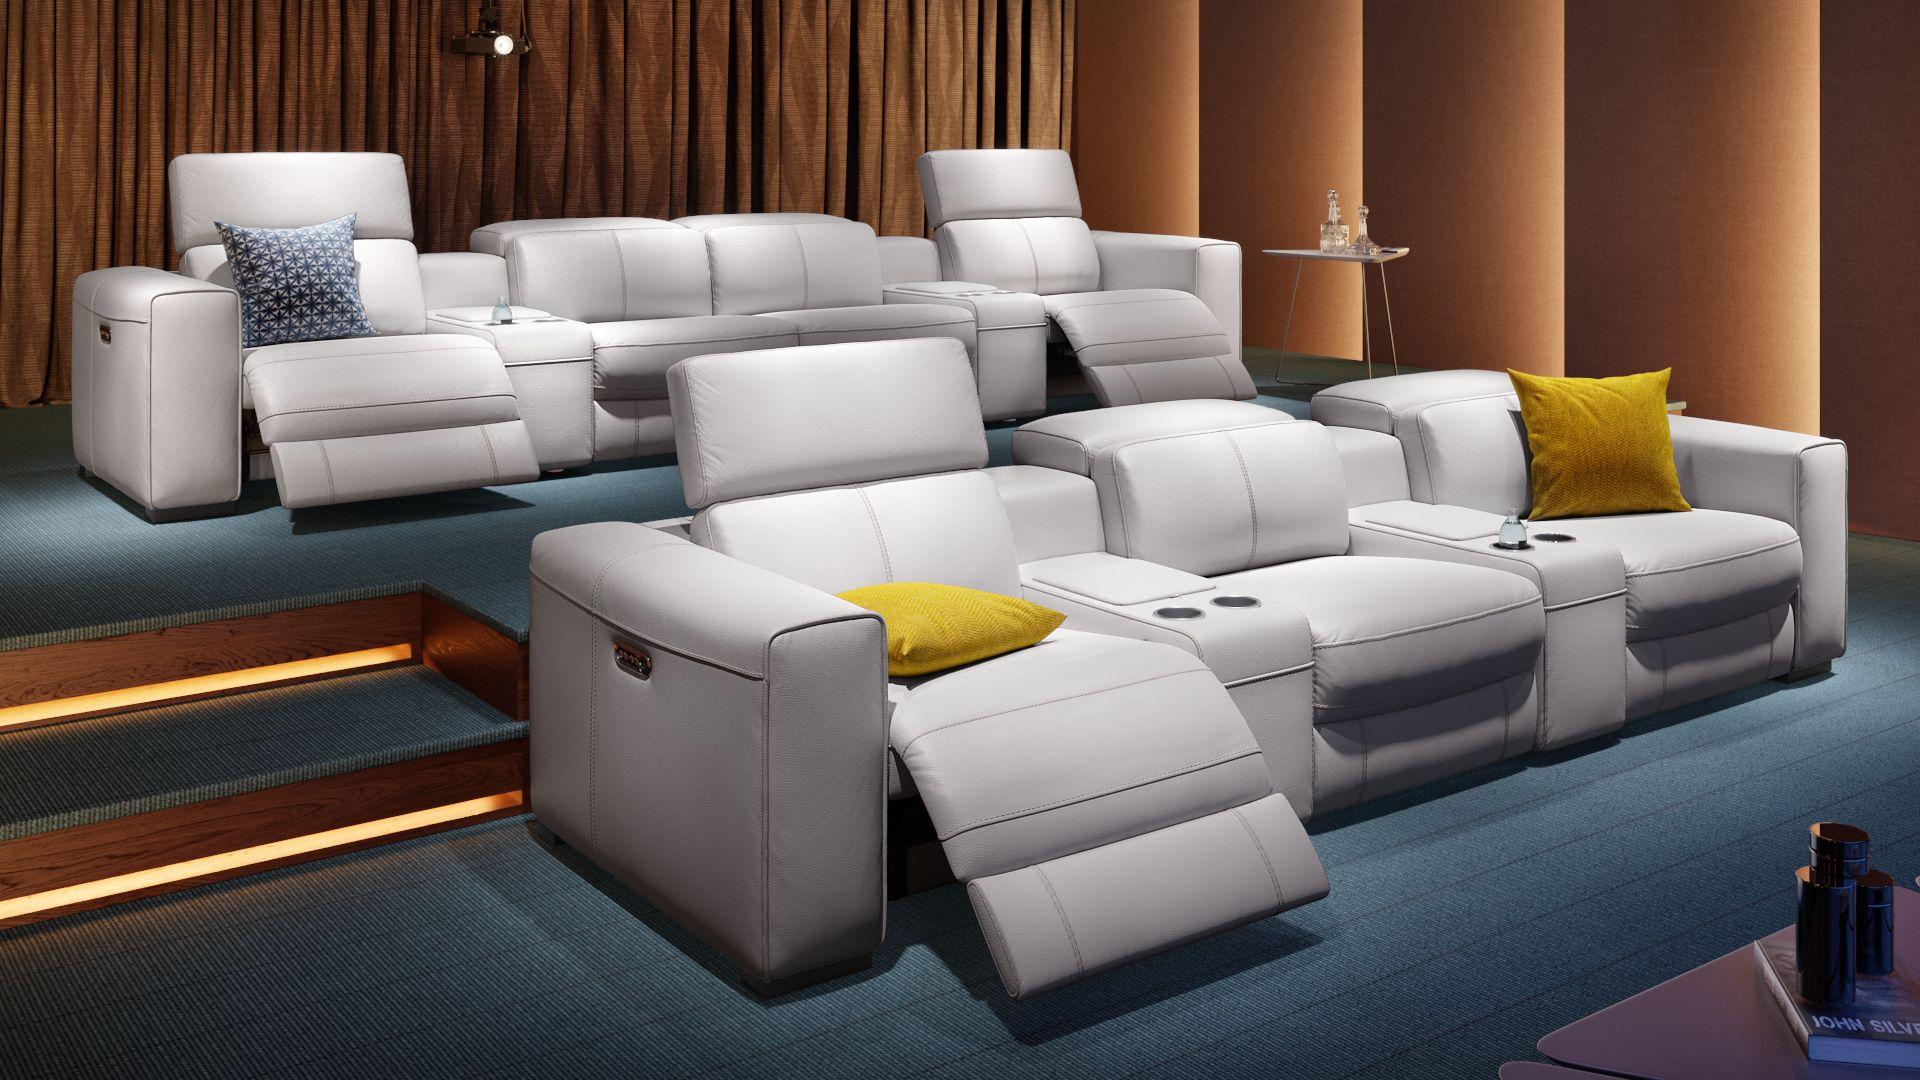 Leder 4-Sitzer Kinosofa mit zwei Mittelkonsolen BOVINO